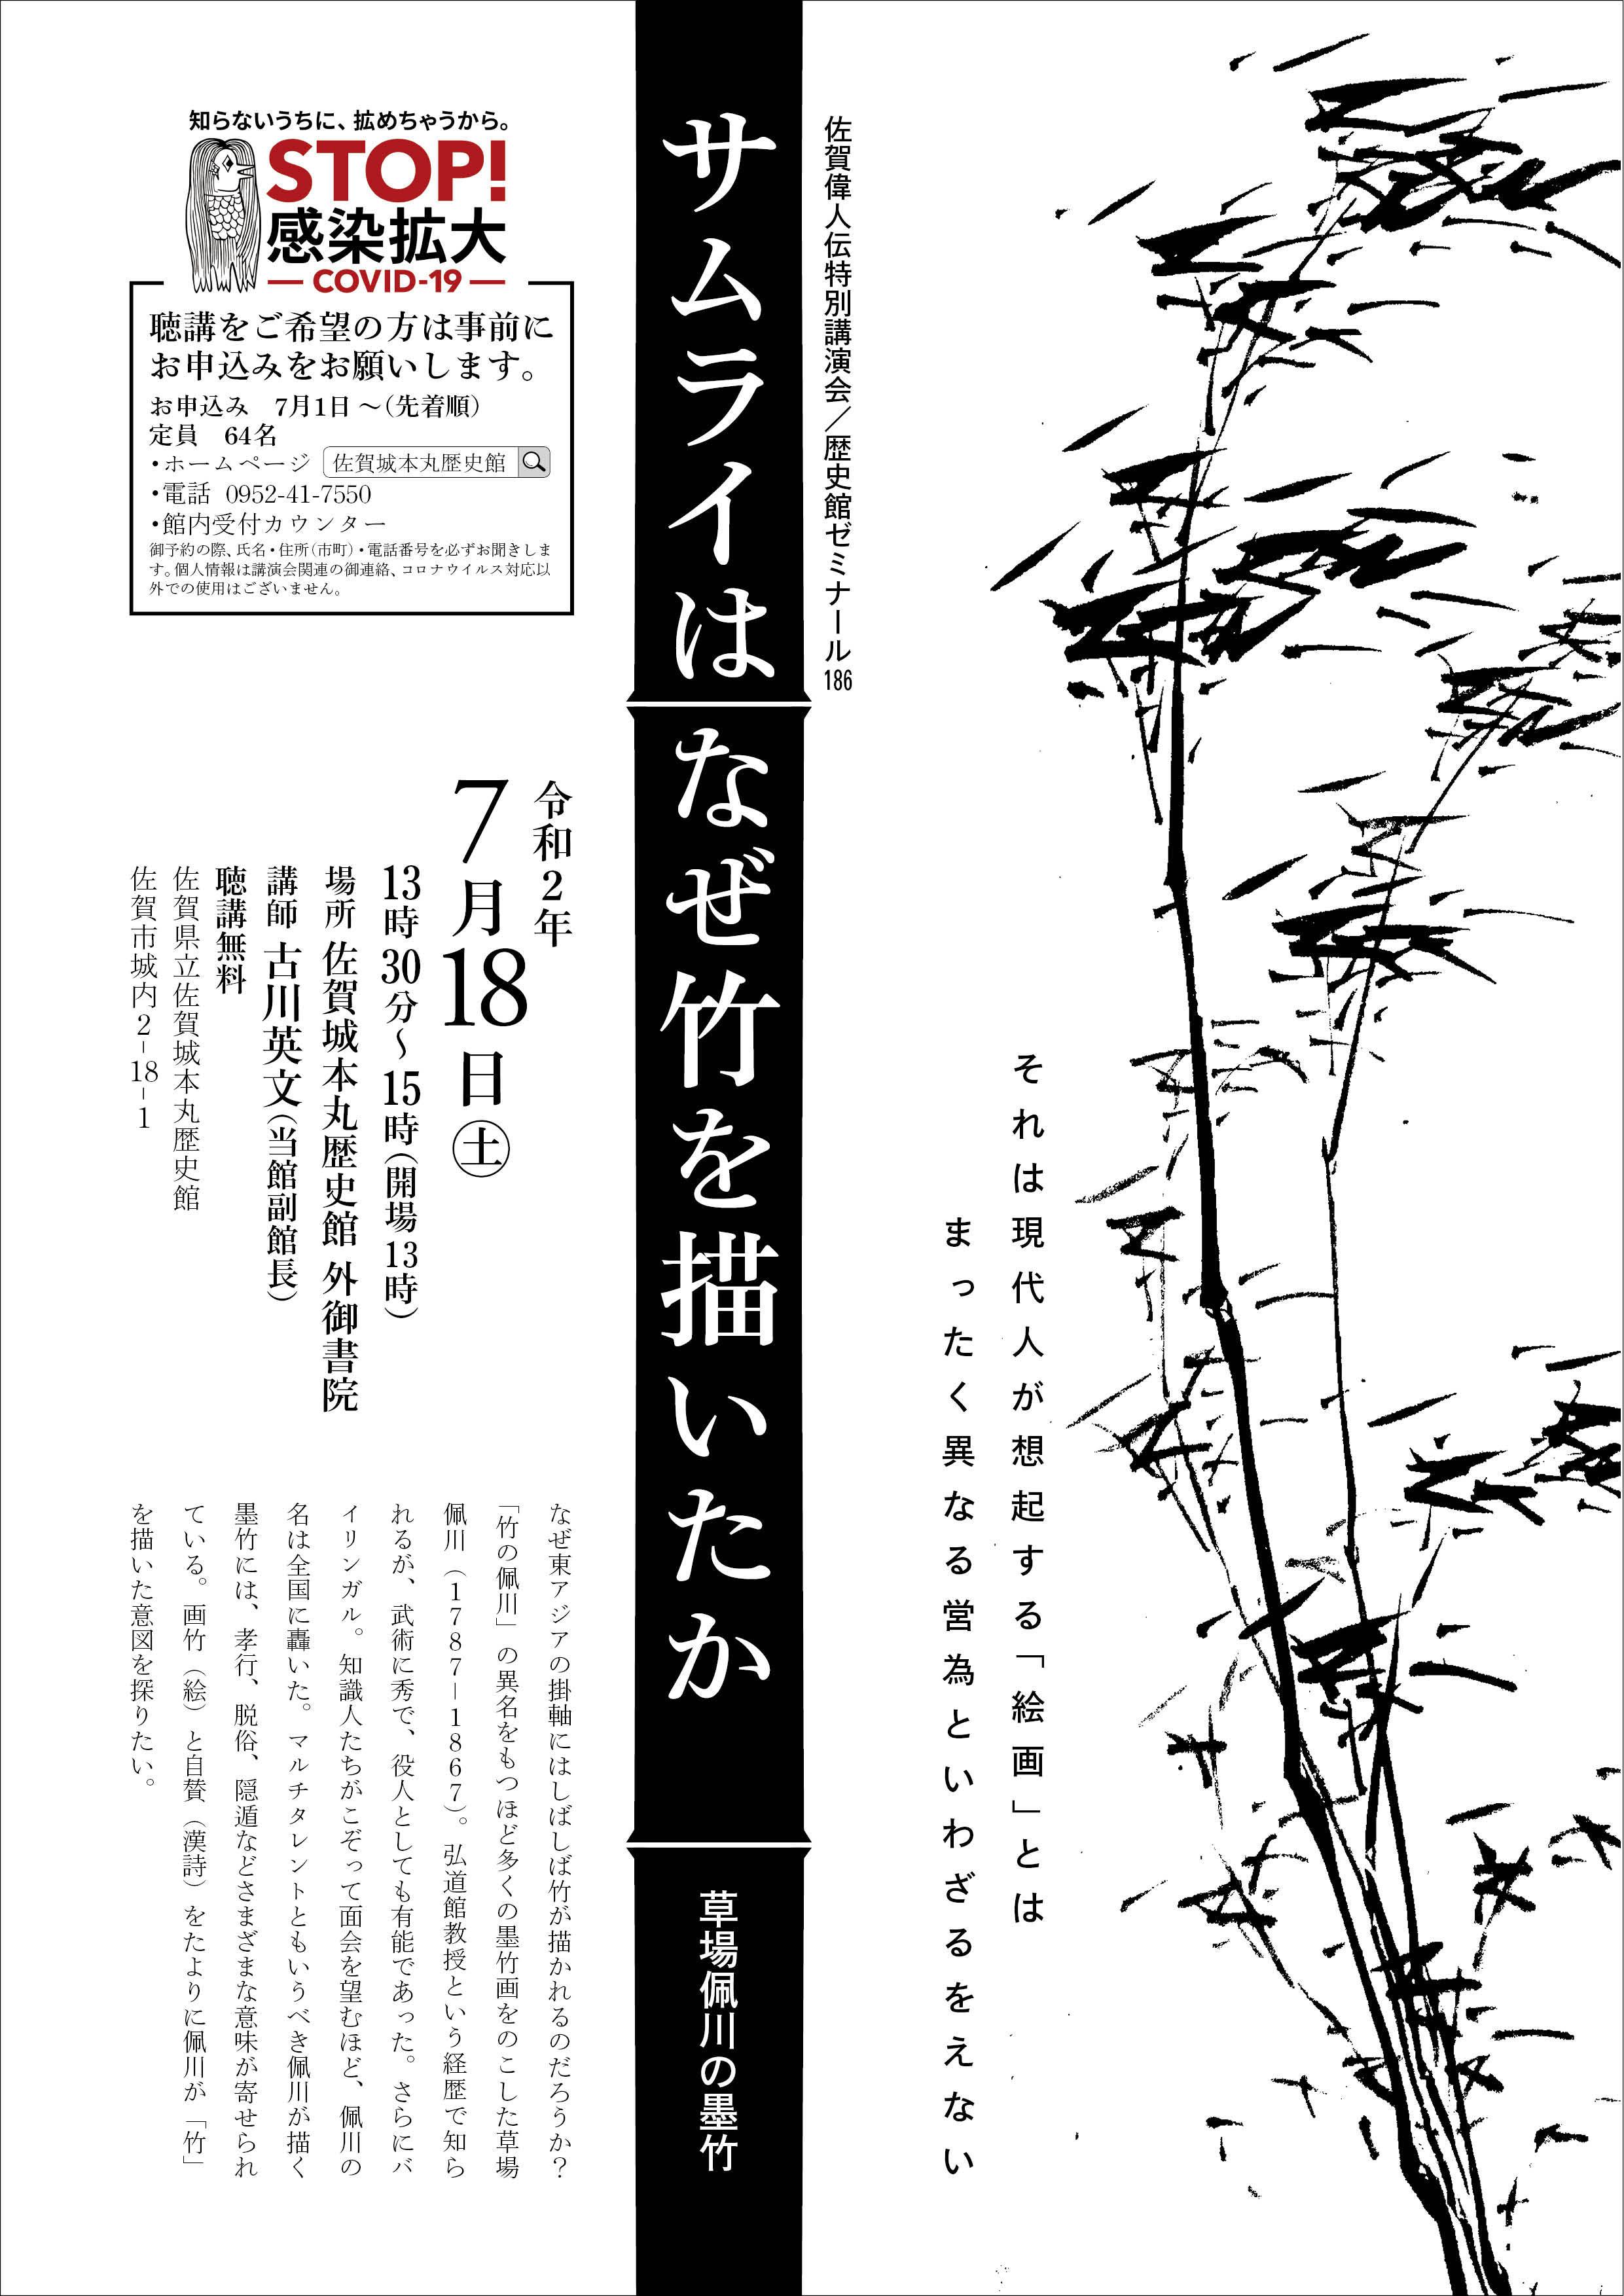 【修正】3月→7月歴ゼミチラシ枠アリ.jpg